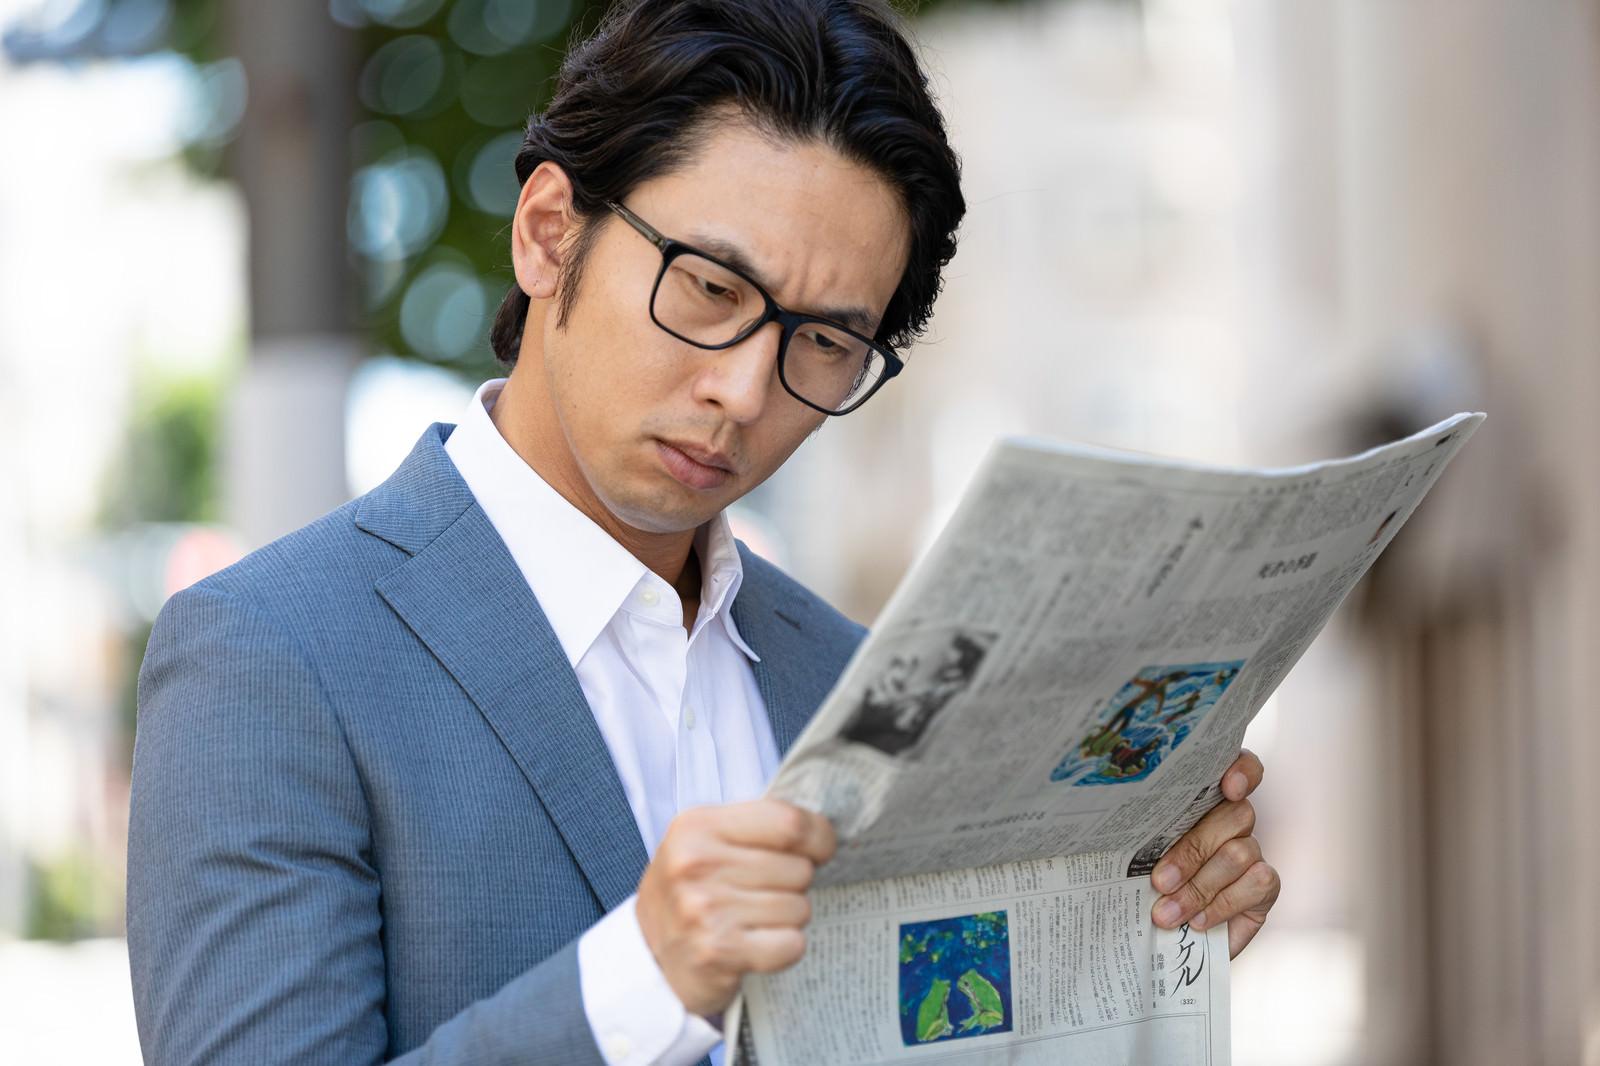 「目を凝らして紙面を読む会社員」の写真[モデル:大川竜弥]